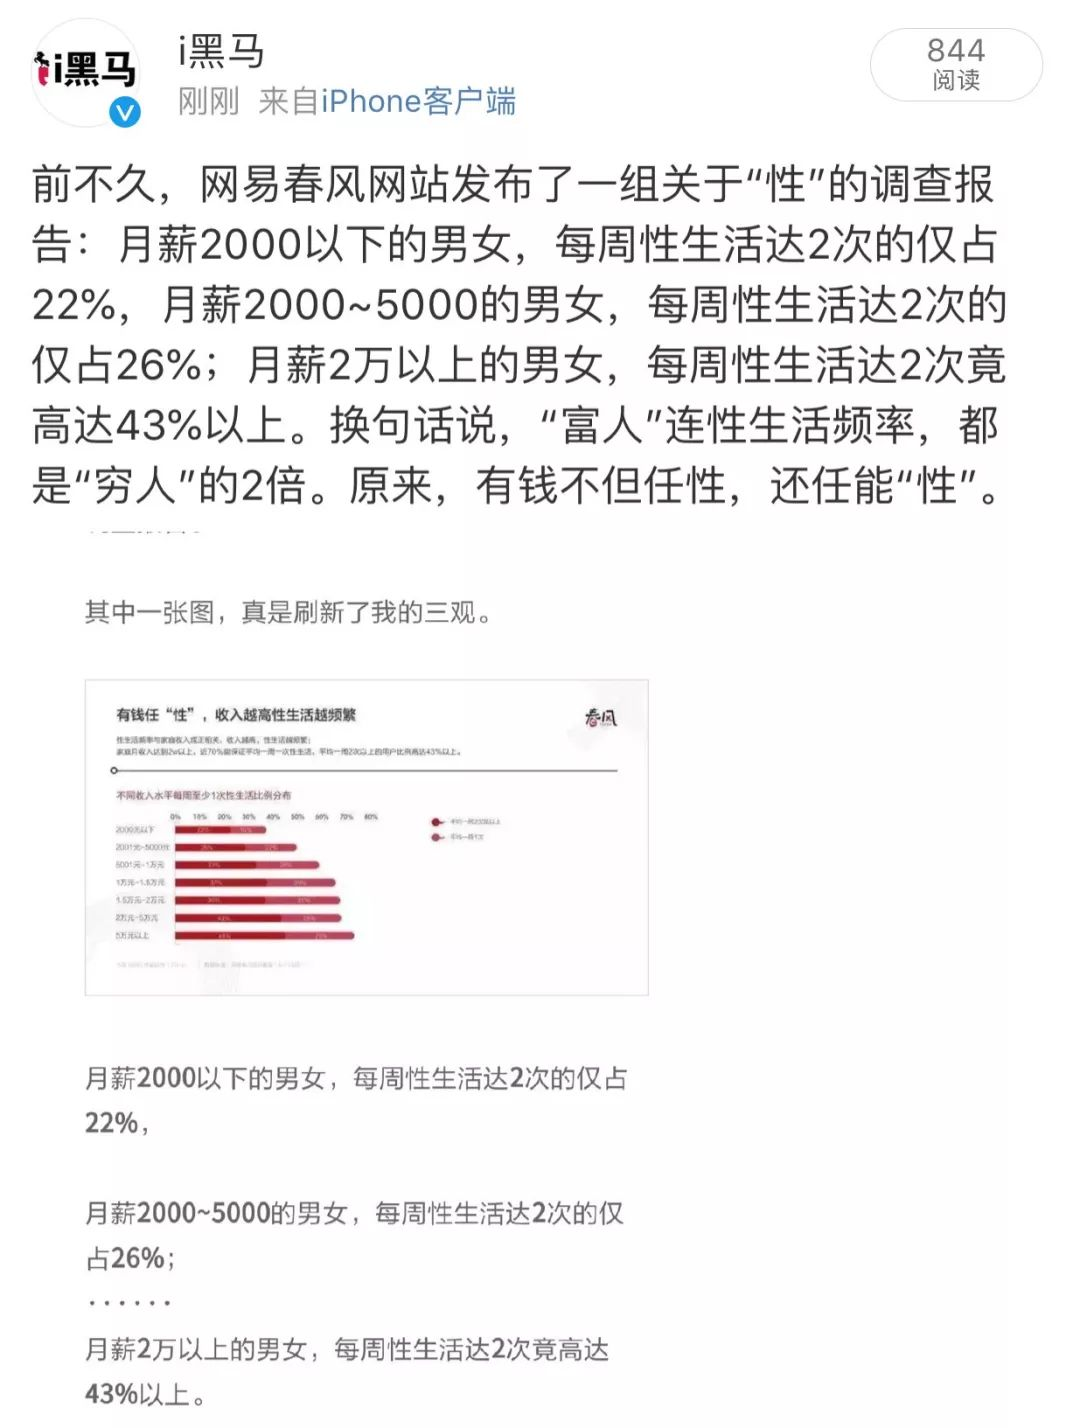 网易市值超百度达335.42亿美元;腾讯员工平均月薪涨至7.27万元;滴滴回应被下架......